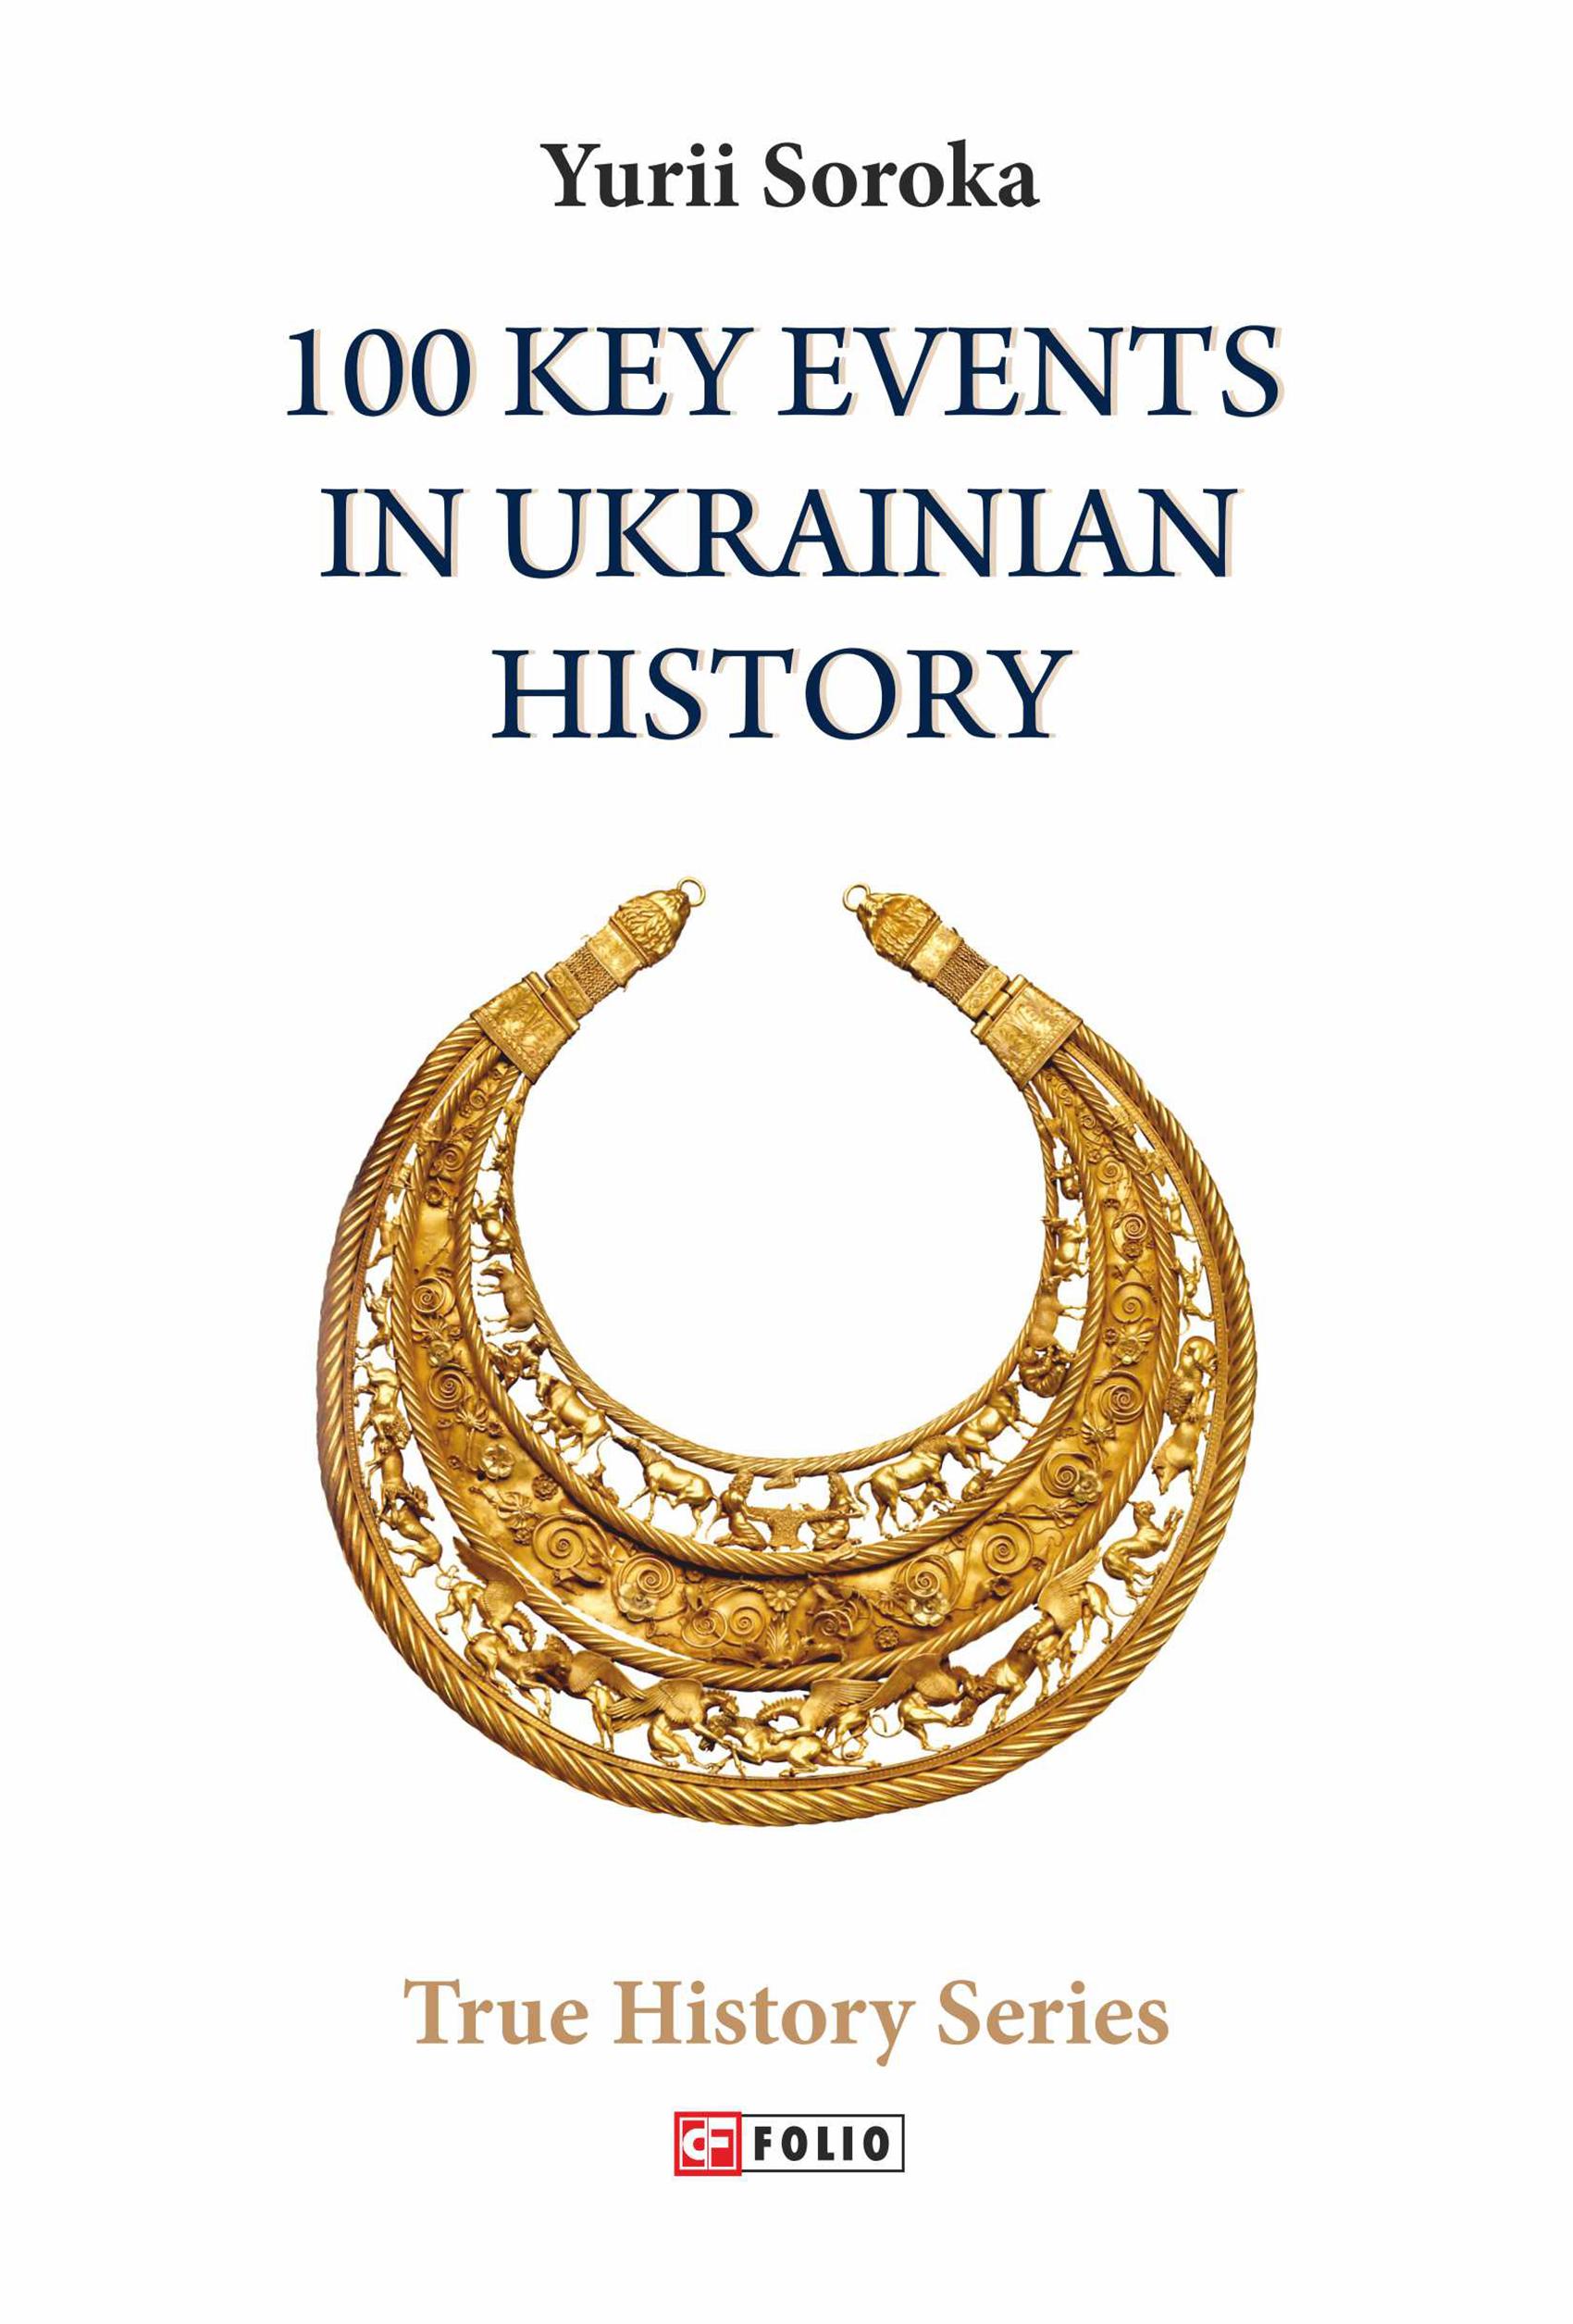 Yurii Soroka 100 Key Events in Ukrainian History